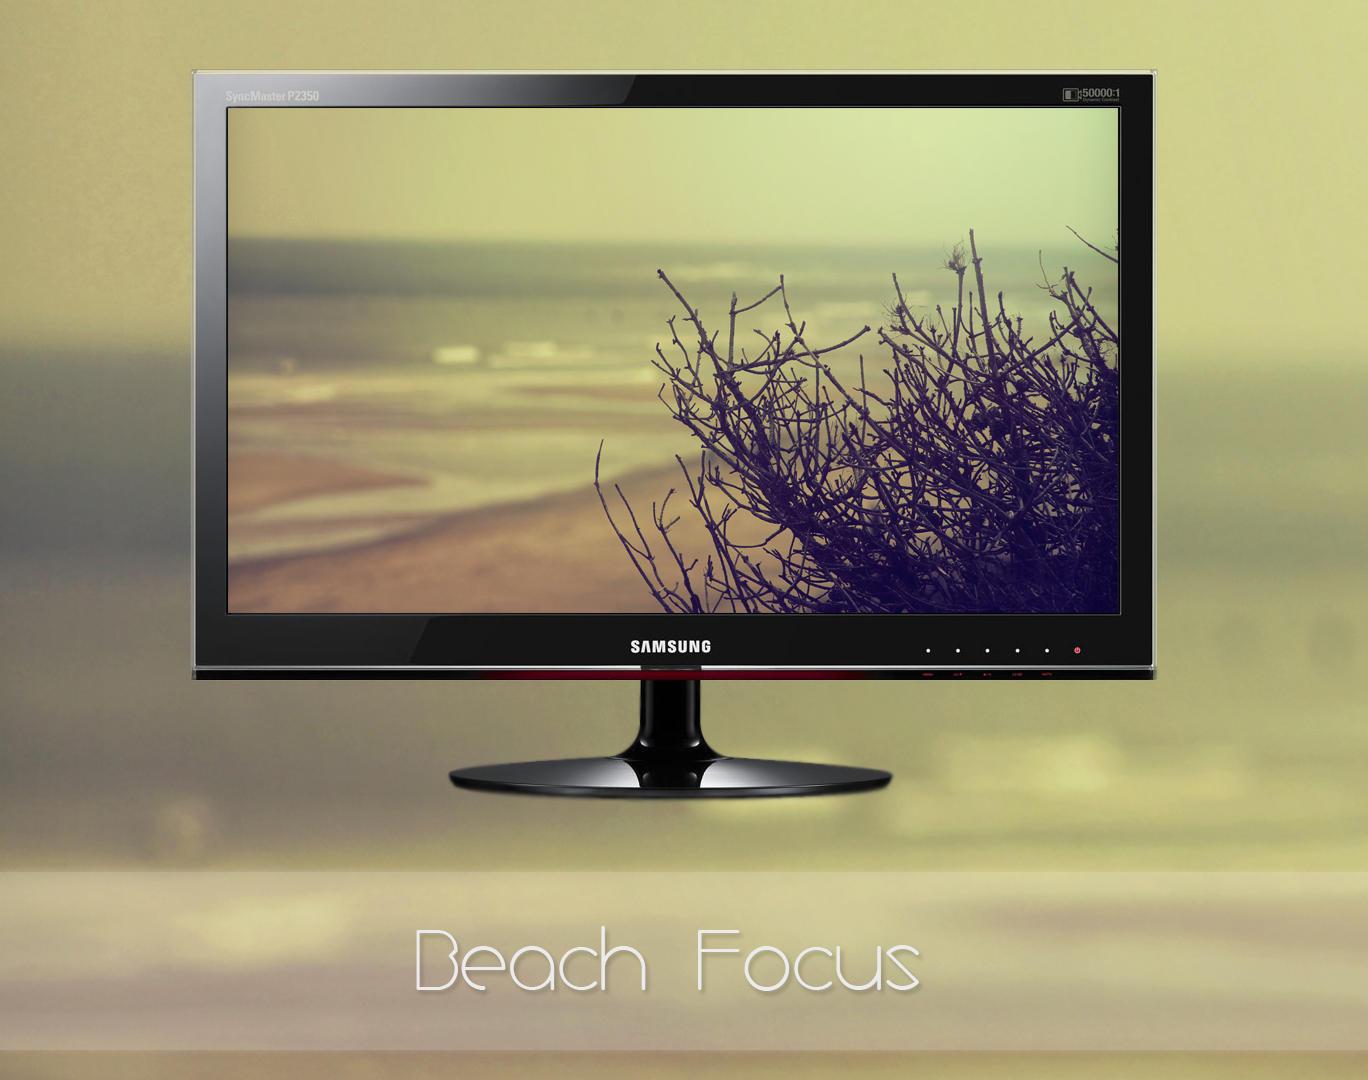 Beach Focus by MGWallpaper